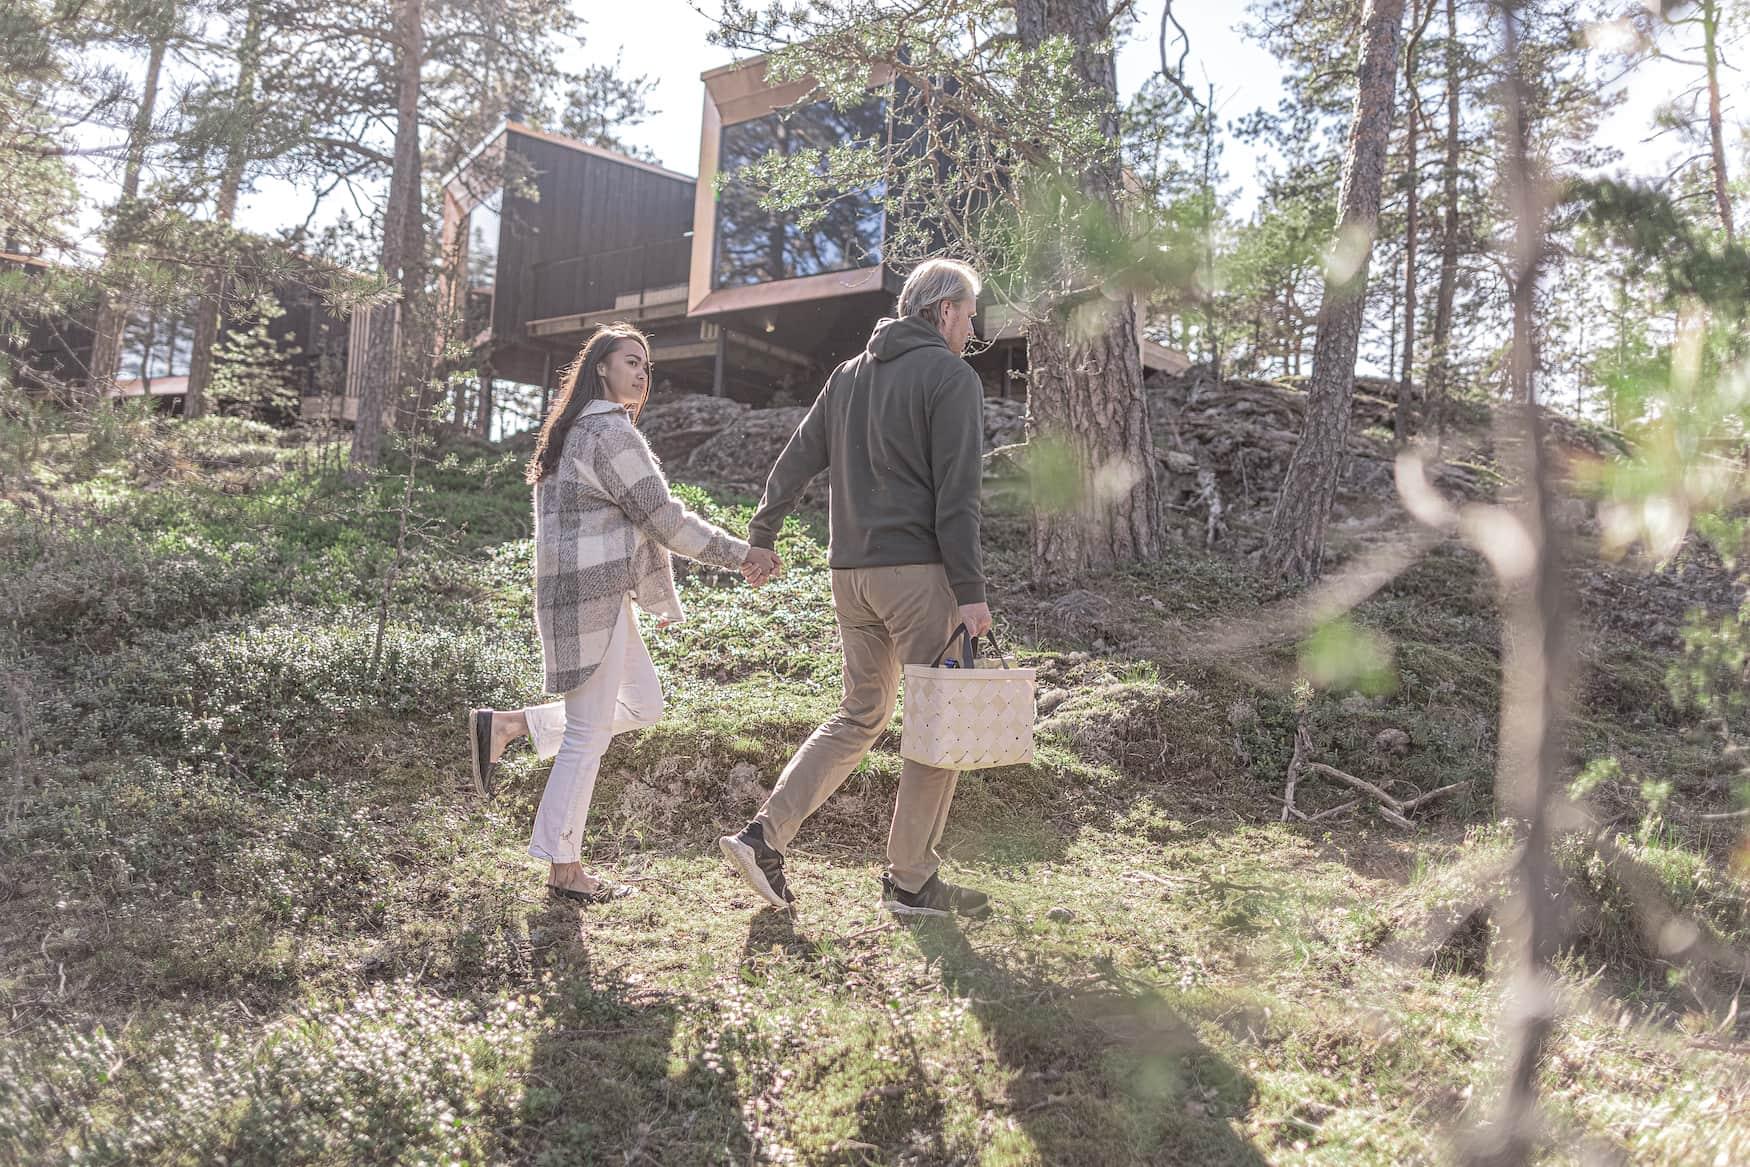 Mann und Frau spazieren durch Natur in Finnland, im Hintergrund sieht man ihr Hotel